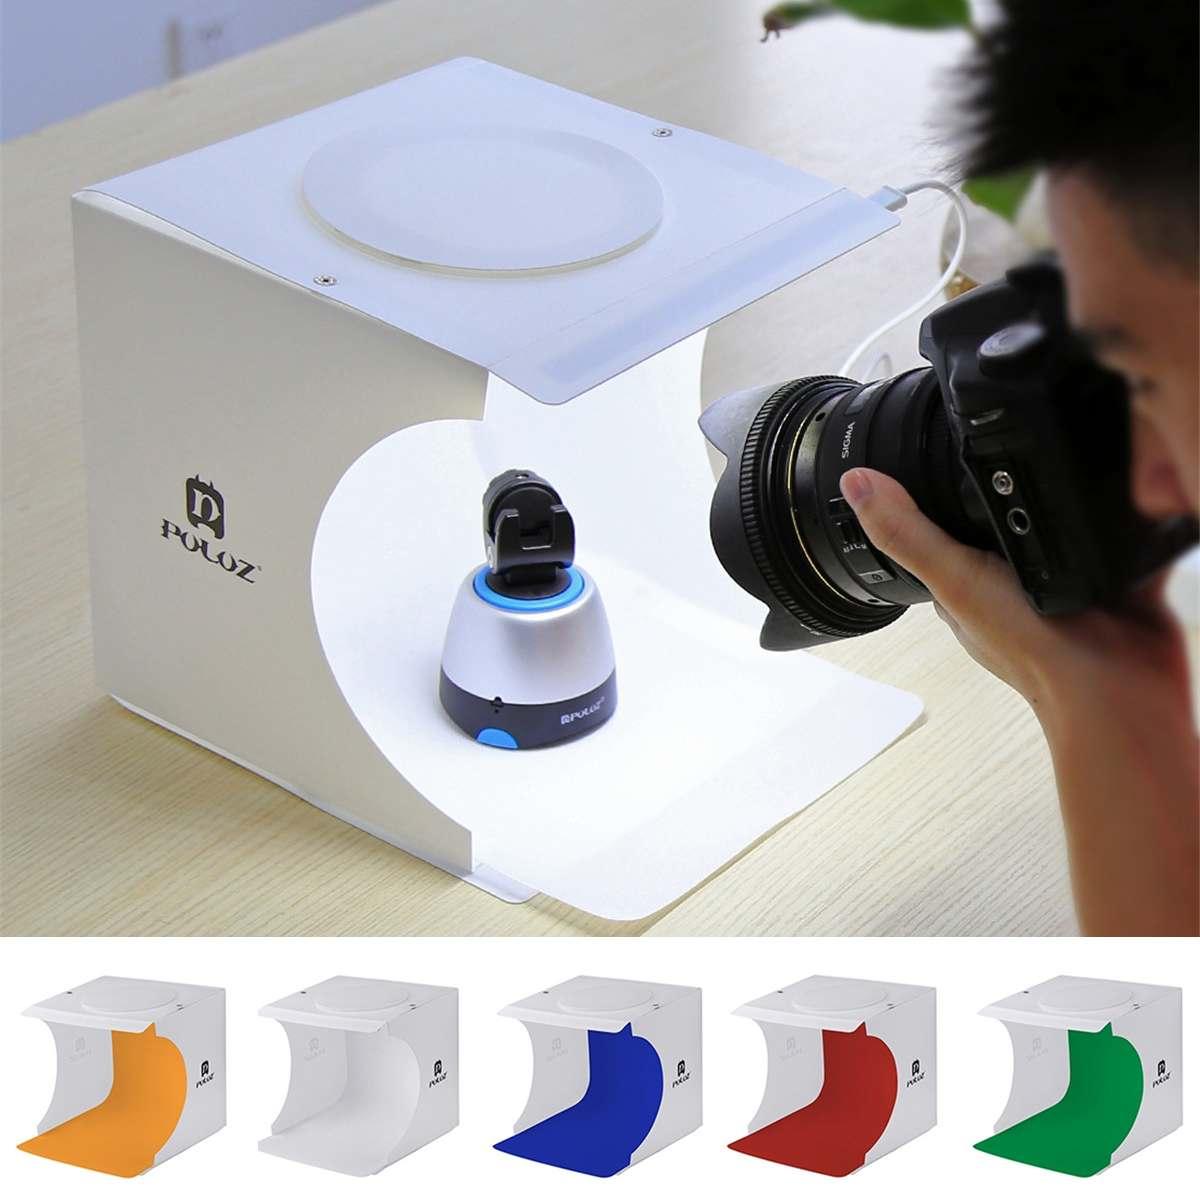 PULUZ portátil Mini Estudio de la foto caja de fotografía cajas fotografía telón de fondo LED luz habitación tienda Mesa disparando nueva llegada